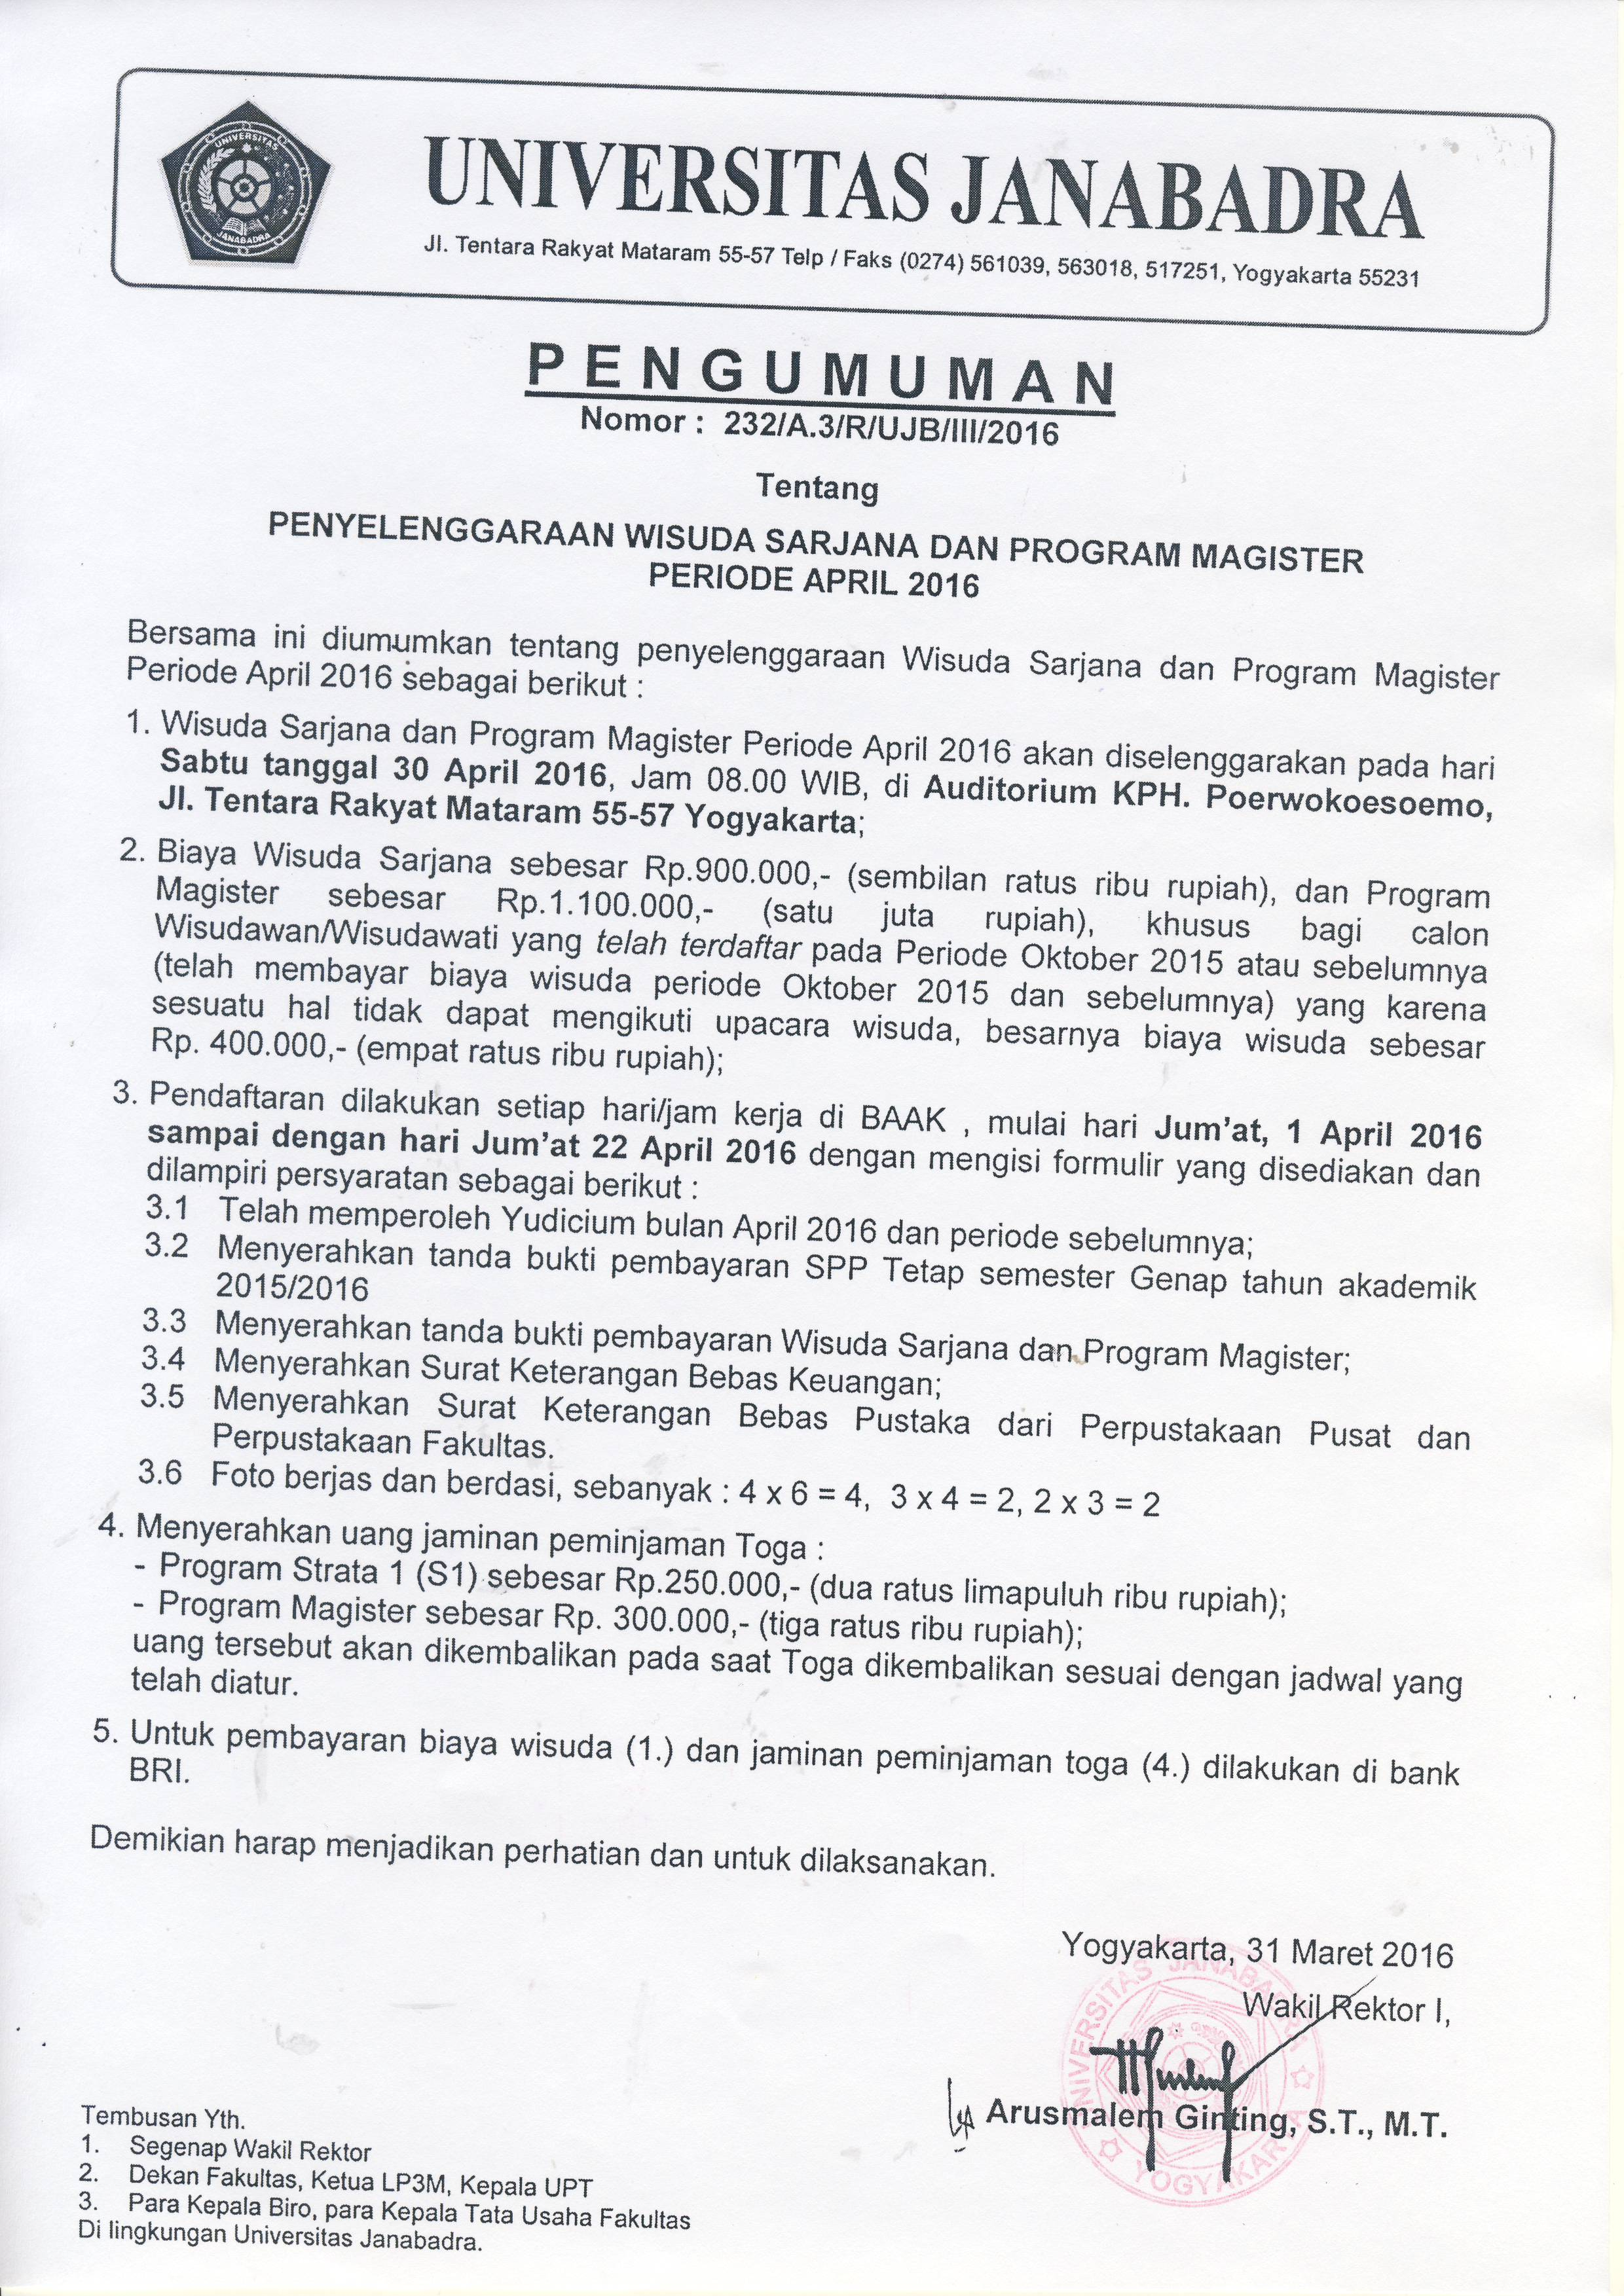 Pengumuman Pendaftaran Wisuda April Tahun Akademik 2015/2016